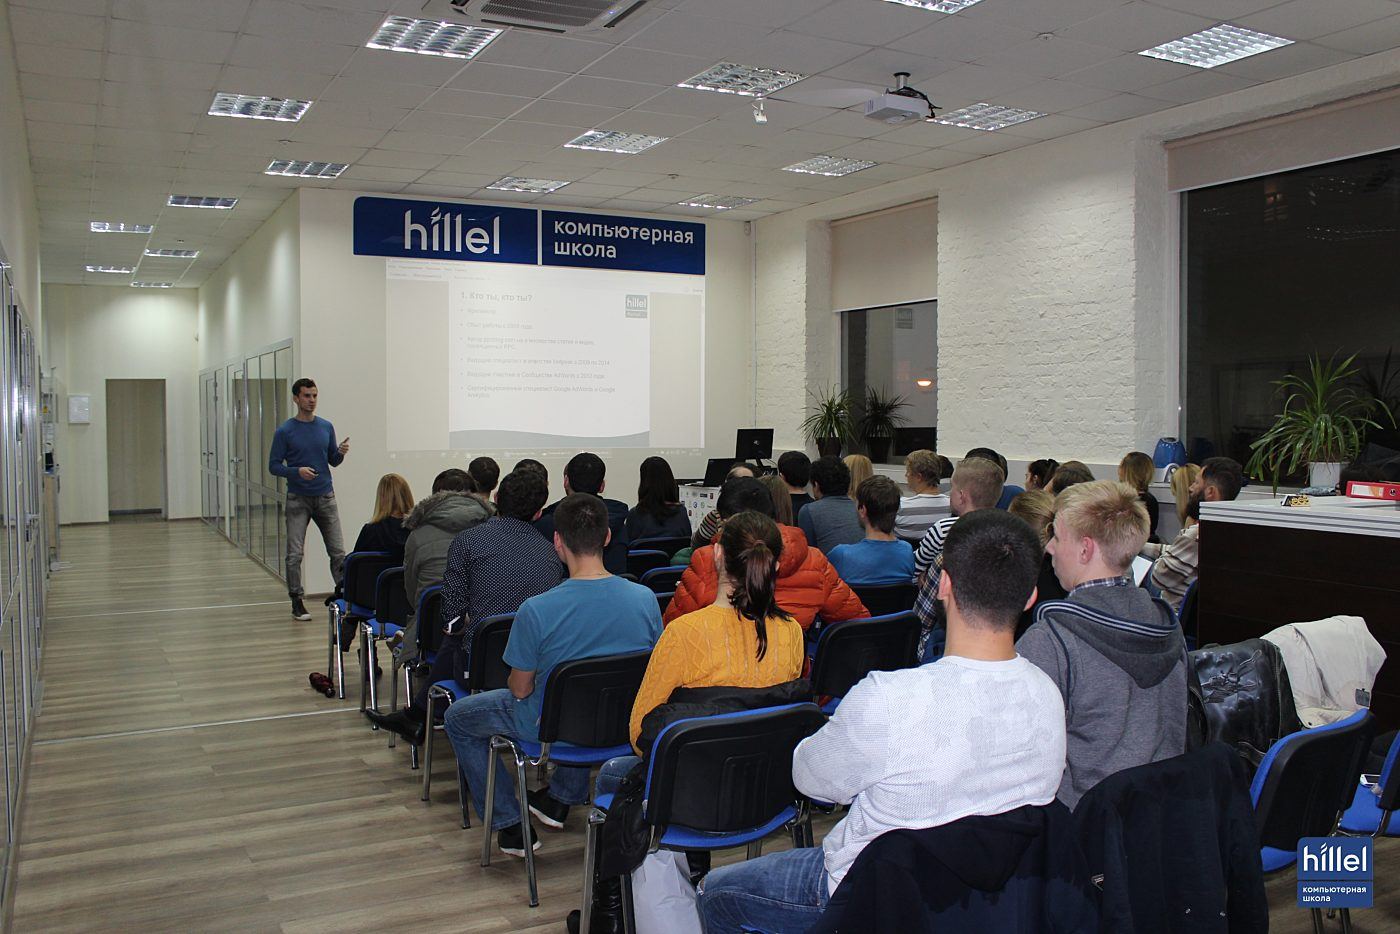 Новости школы: Как увеличить продажи в сети. В Компьютерной школе Hillel прошел мастер-класс по интернет-маркетингу